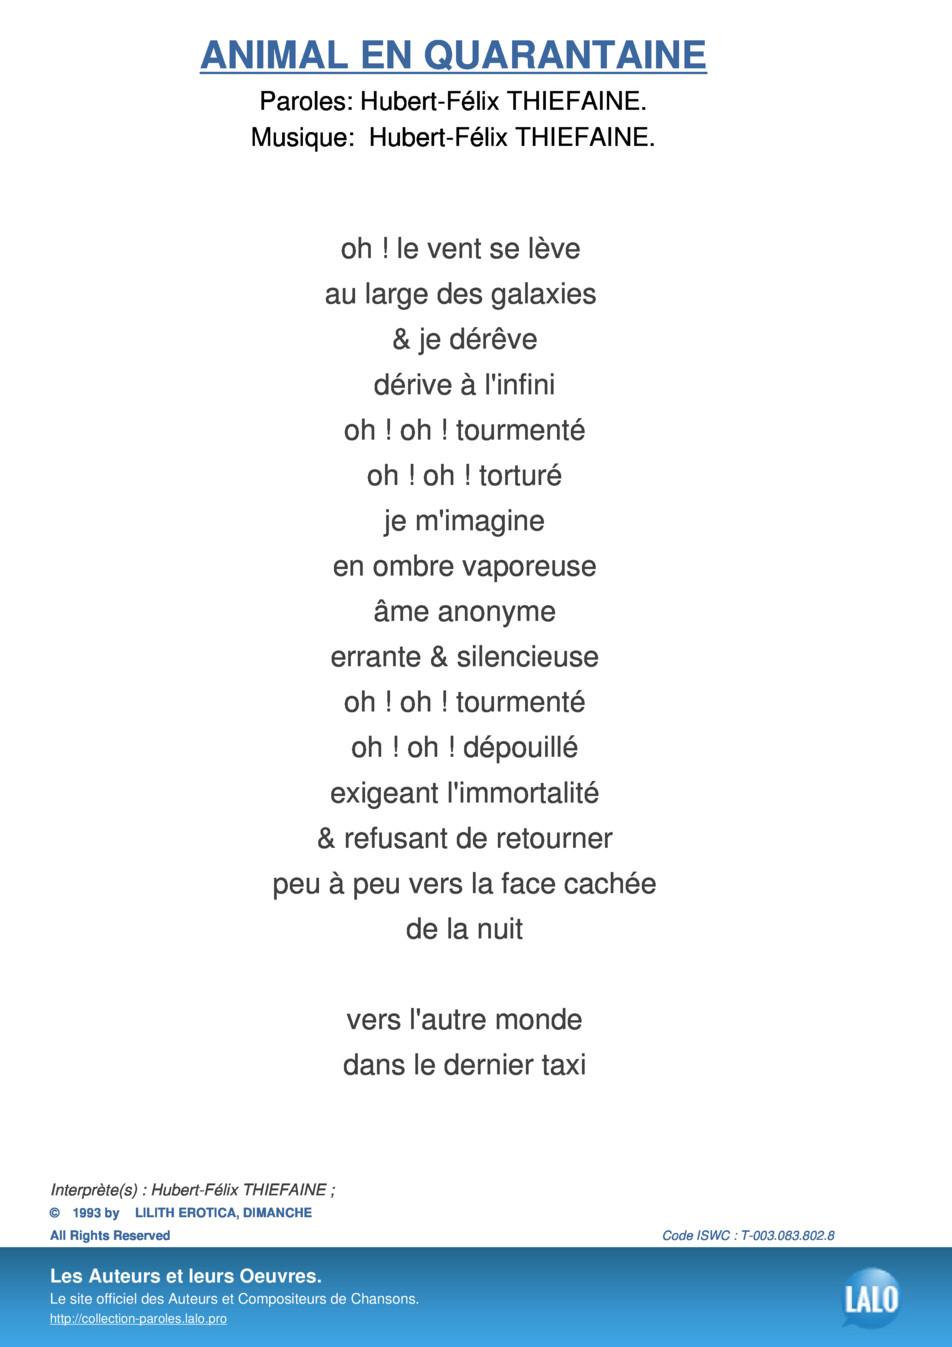 Paroles Et Musique De Animal En Quarantaine Hubert-Félix tout Chanson Pour Les Animaux